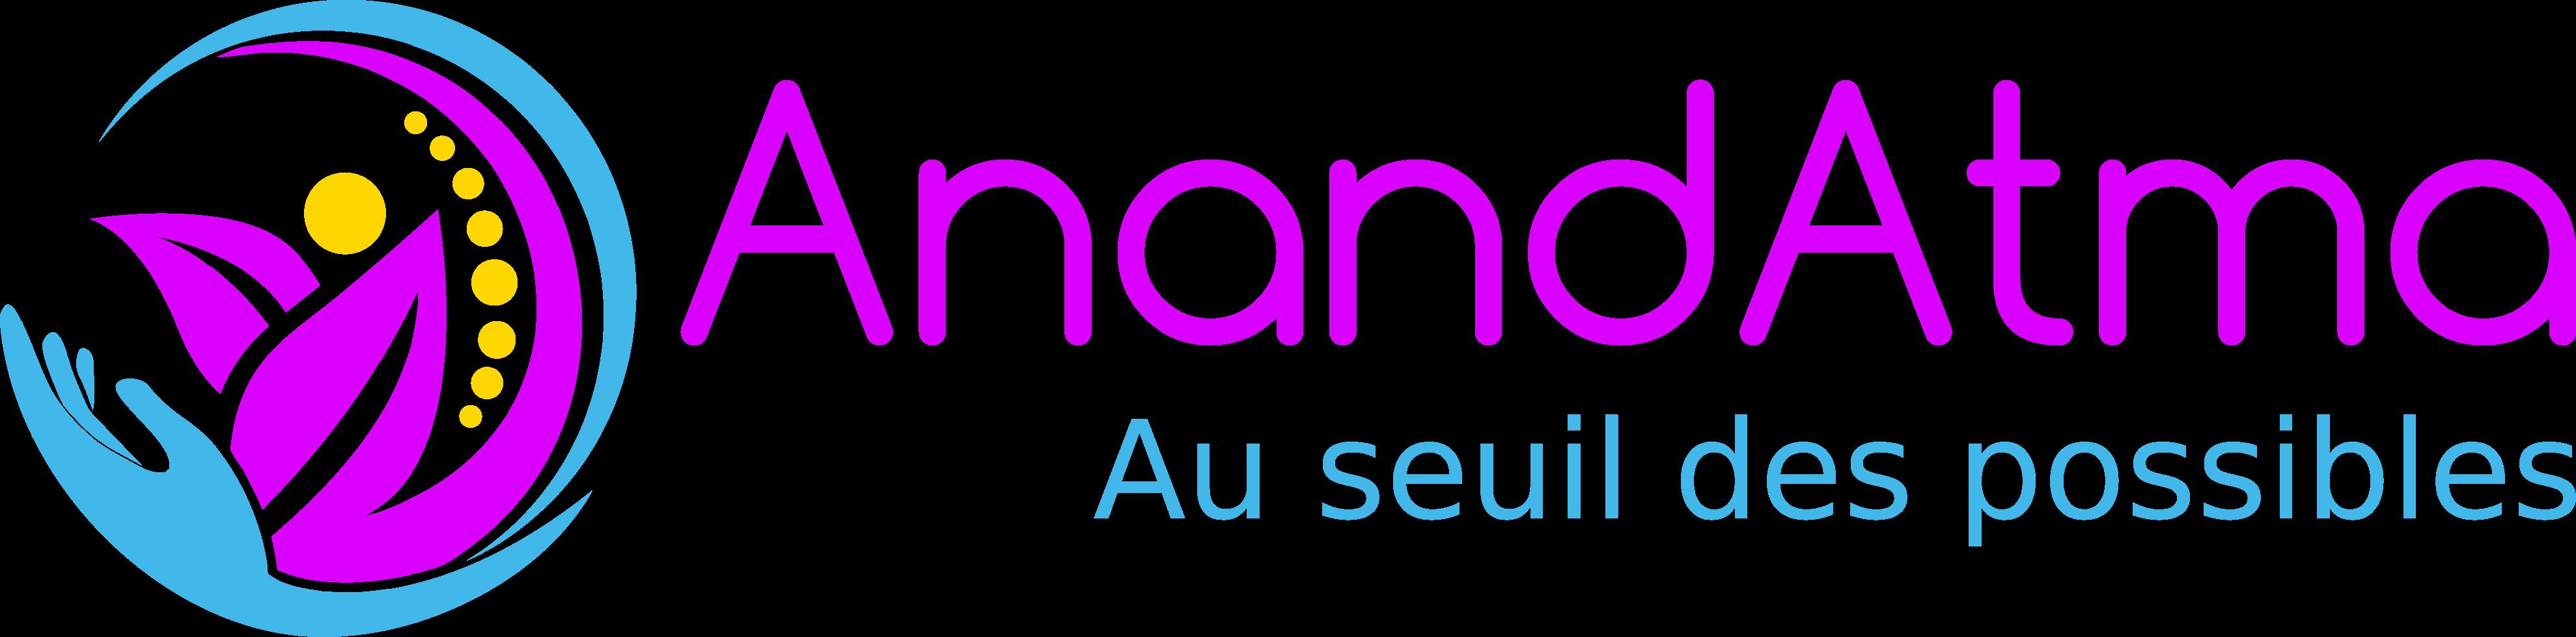 AnandAtma